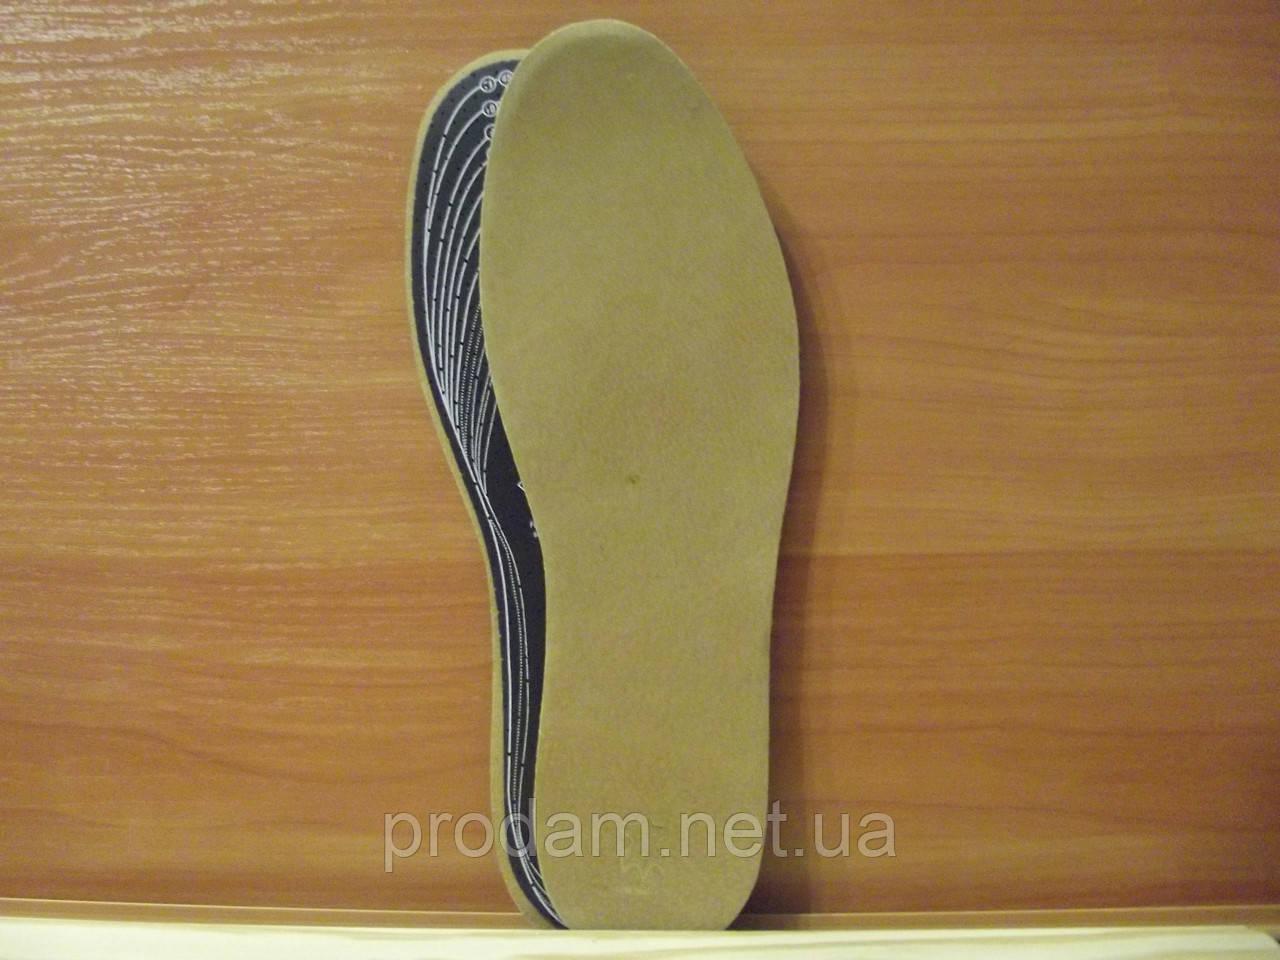 Стелька кожаная для обуви